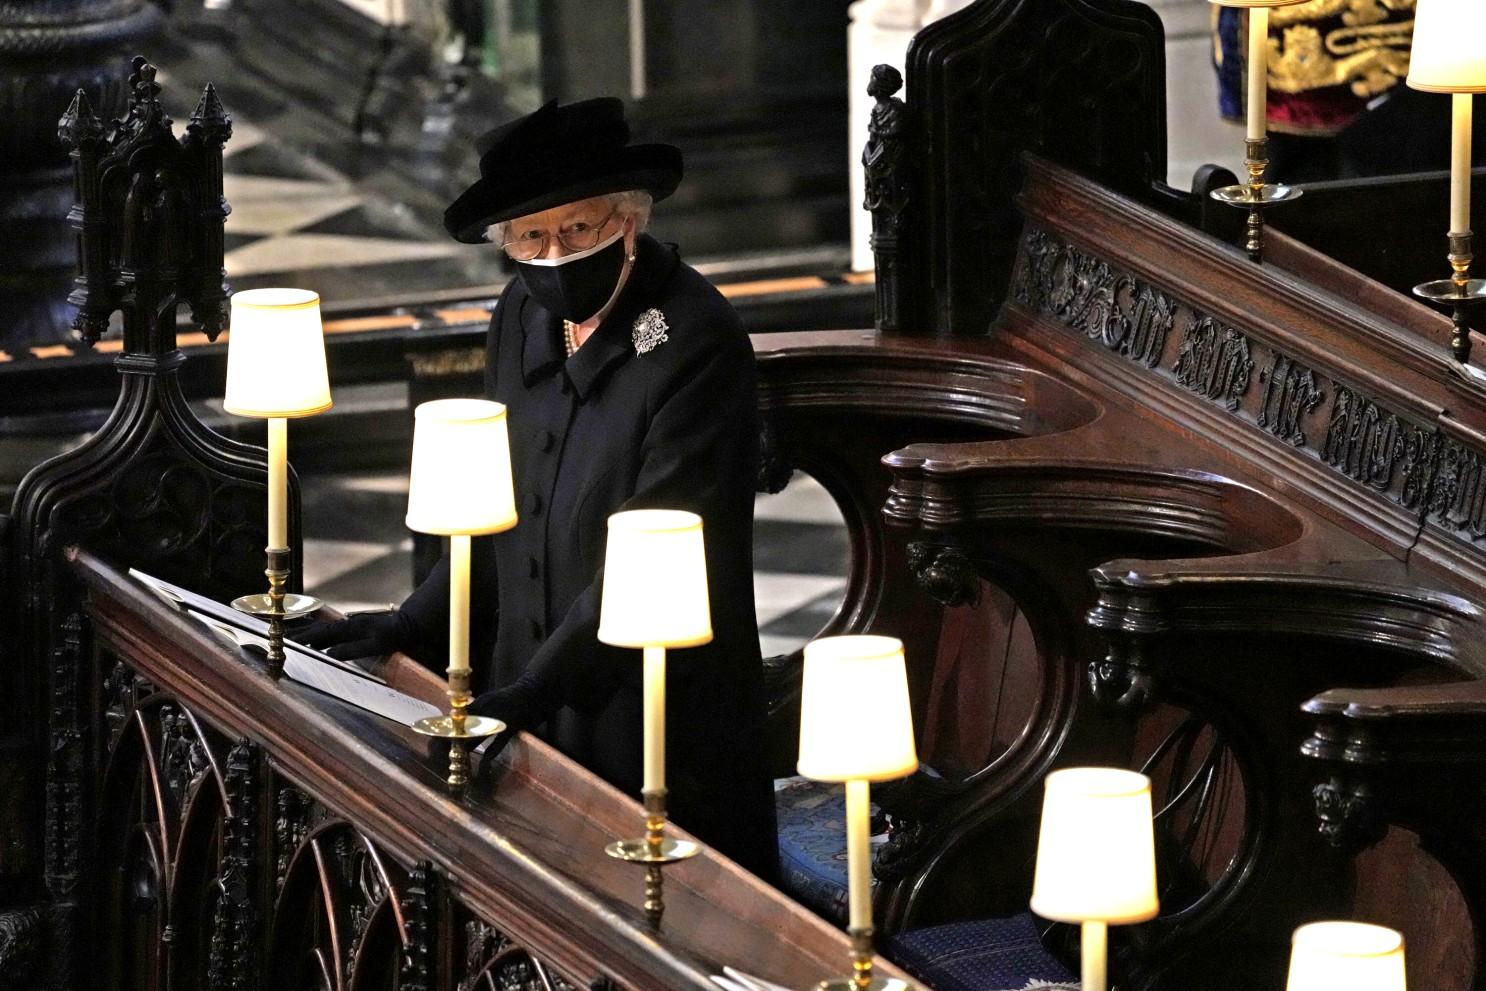 Nữ hoàng Anh trong trang phục tang lễ tại nhà nguyện Geogre